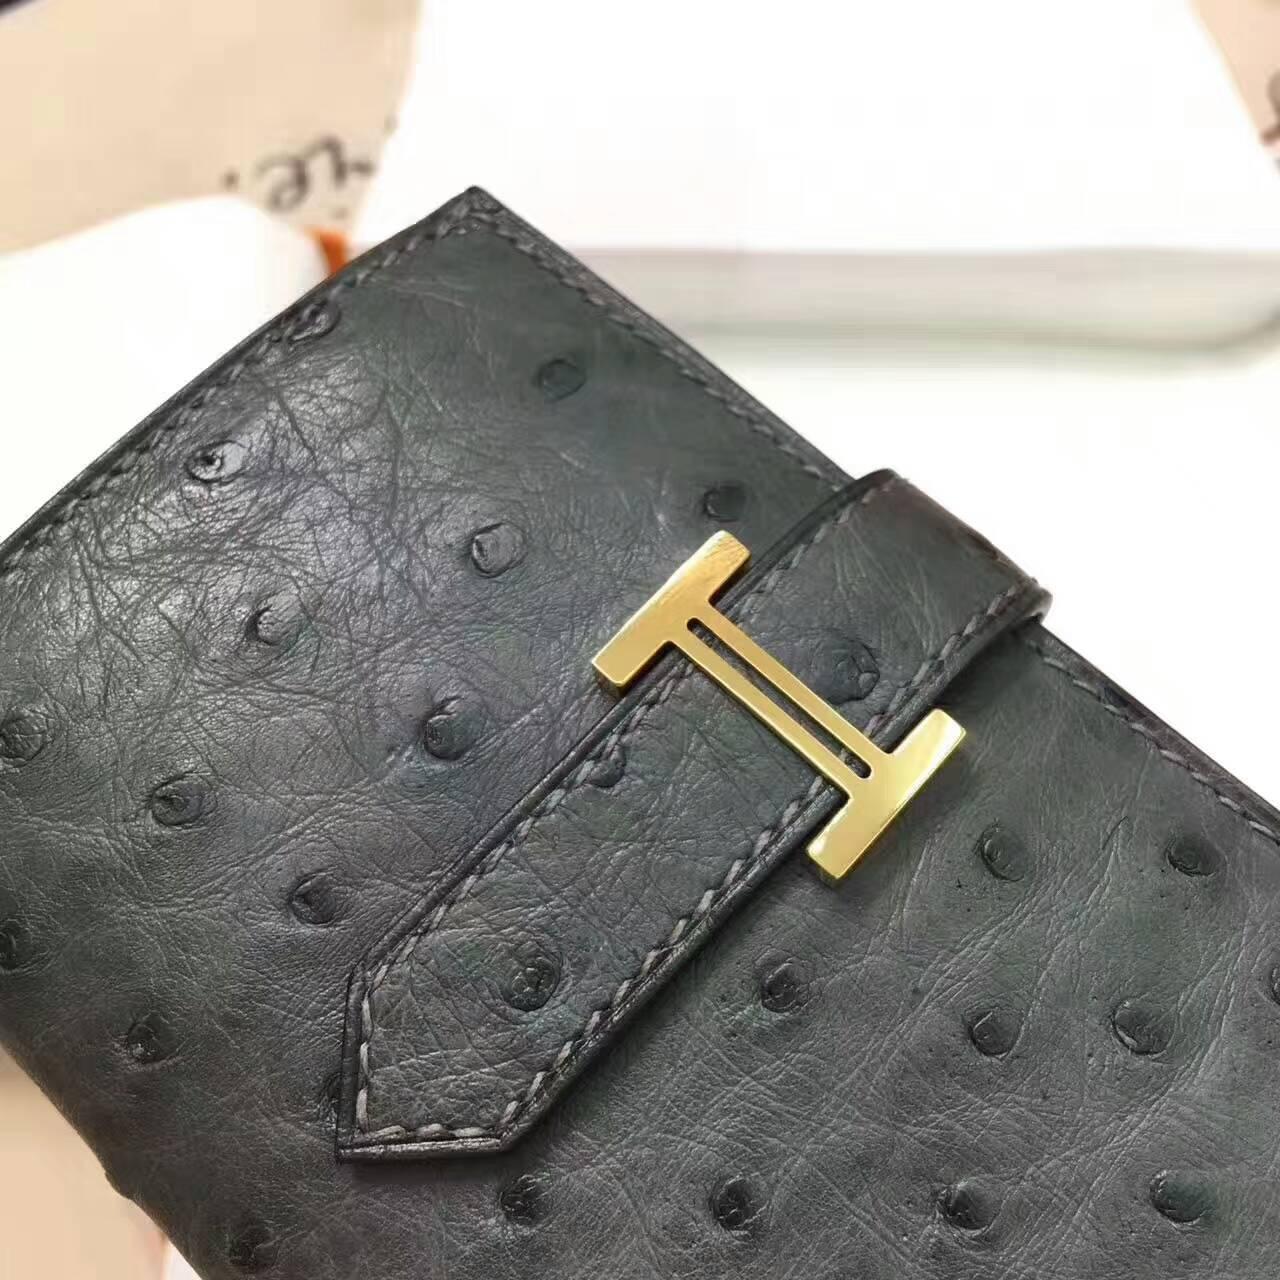 爱马仕卡包 鸵鸟皮 铁灰 金扣 手工蜡线 时尚又实用